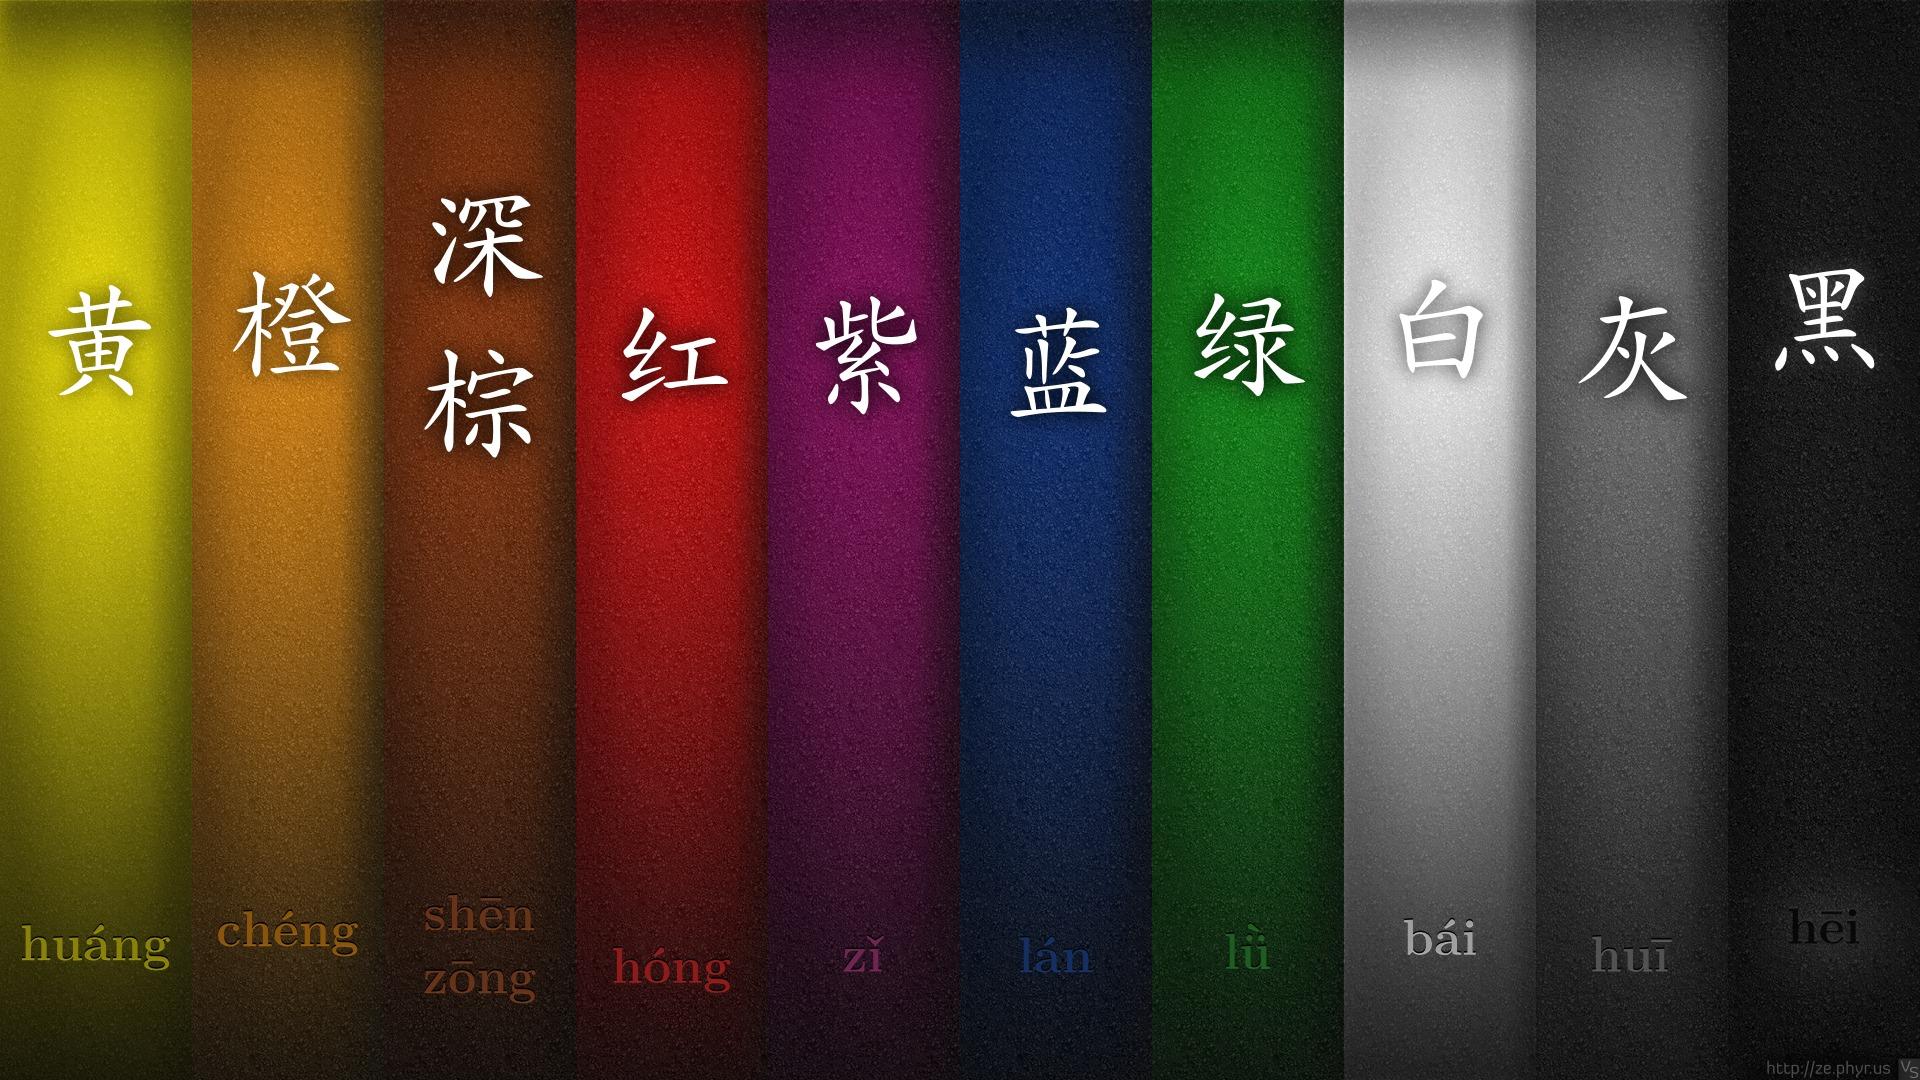 chinese character wallpaper - wallpapersafari